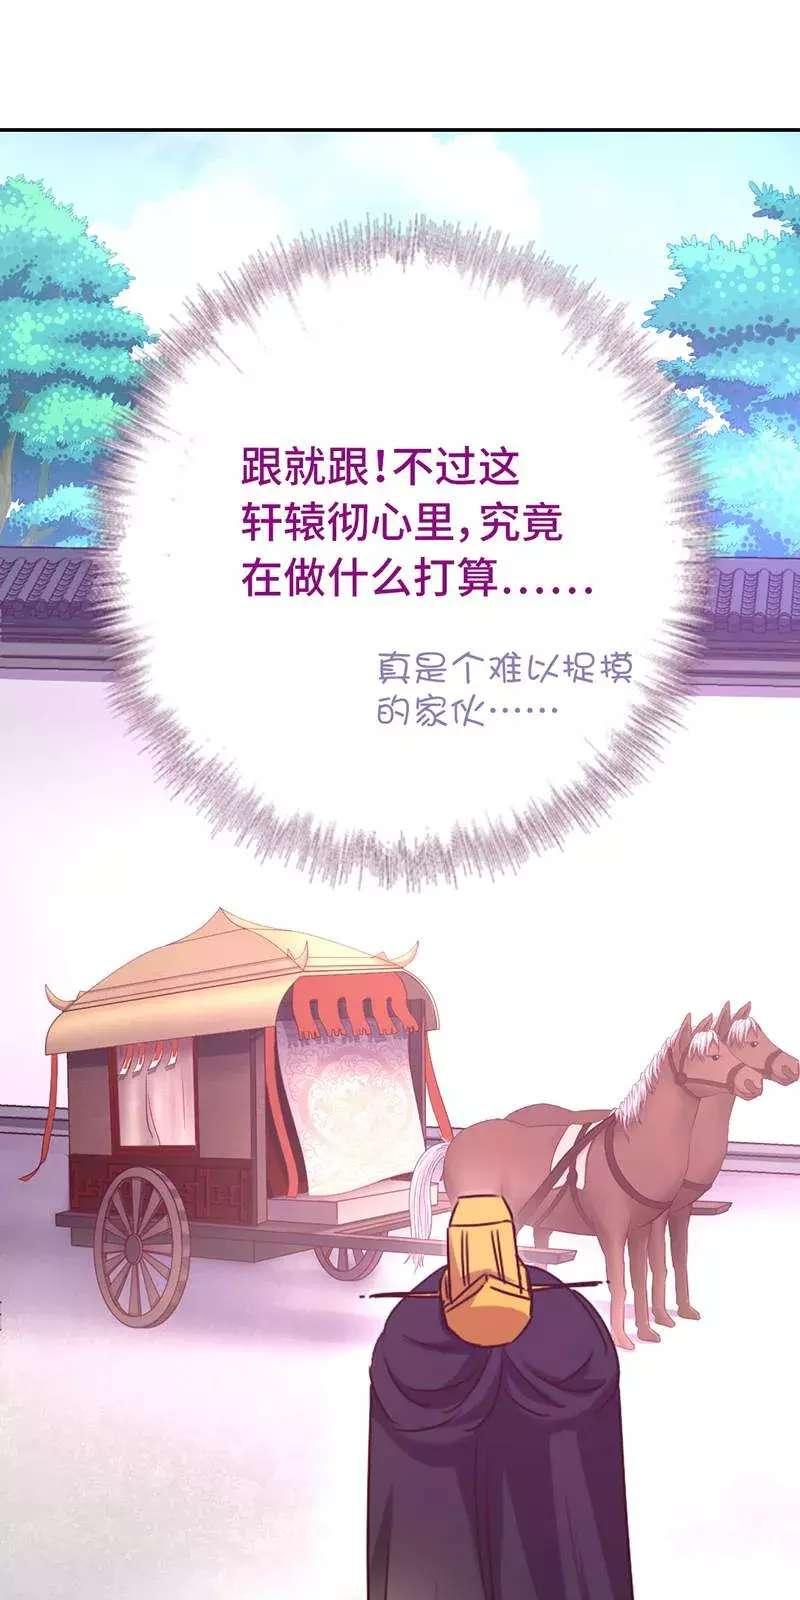 神厨狂后第11话  第10话 轩辕彻 第 23